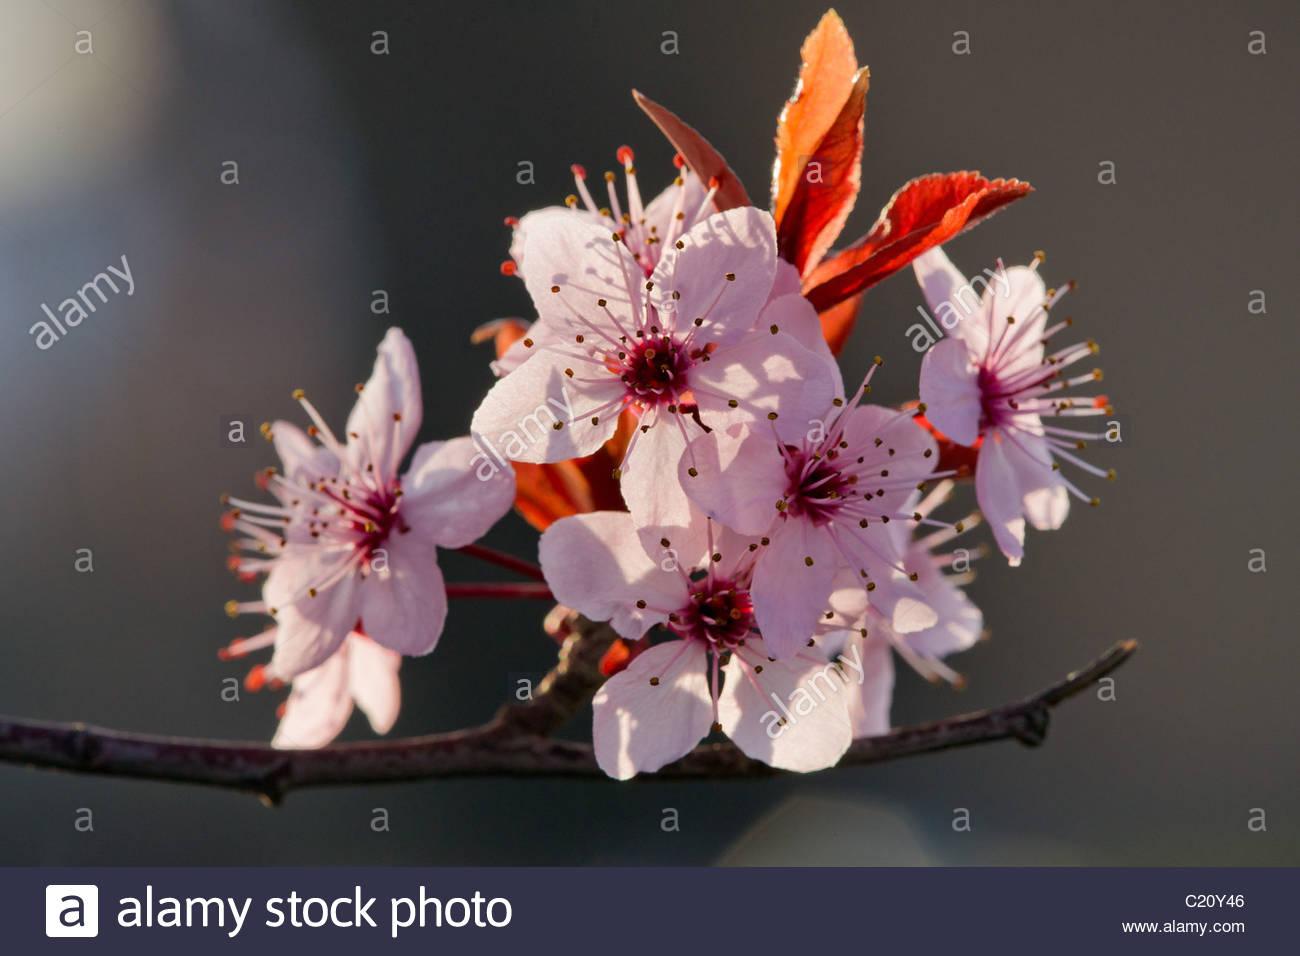 prunus cerasifera pissardii - cherry plum or myrobalan plum - Stock Image